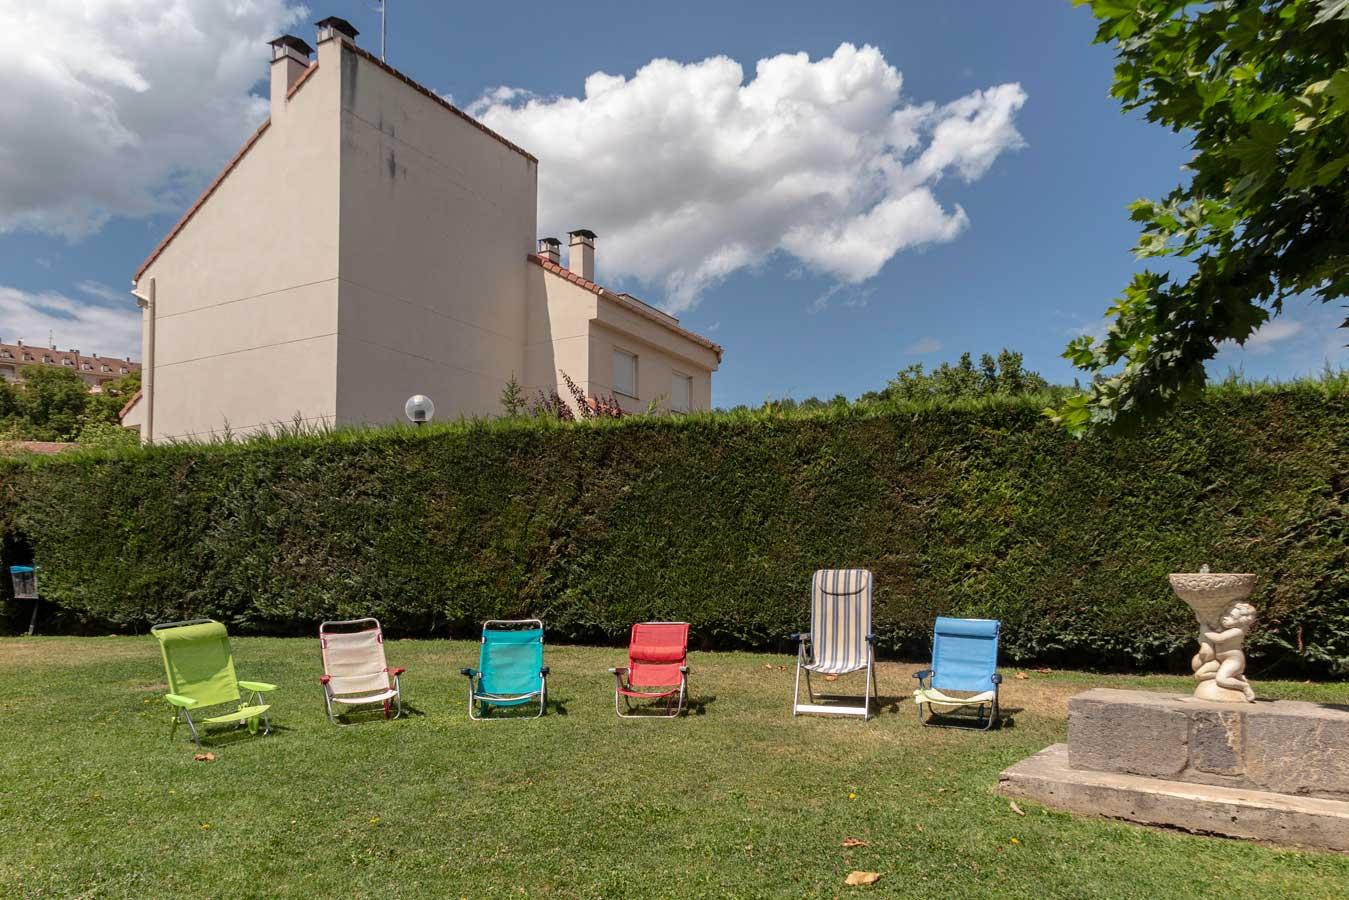 Imagen de varias tumbonas y sillas plegables colocadas en fila en el verdor de la piscina